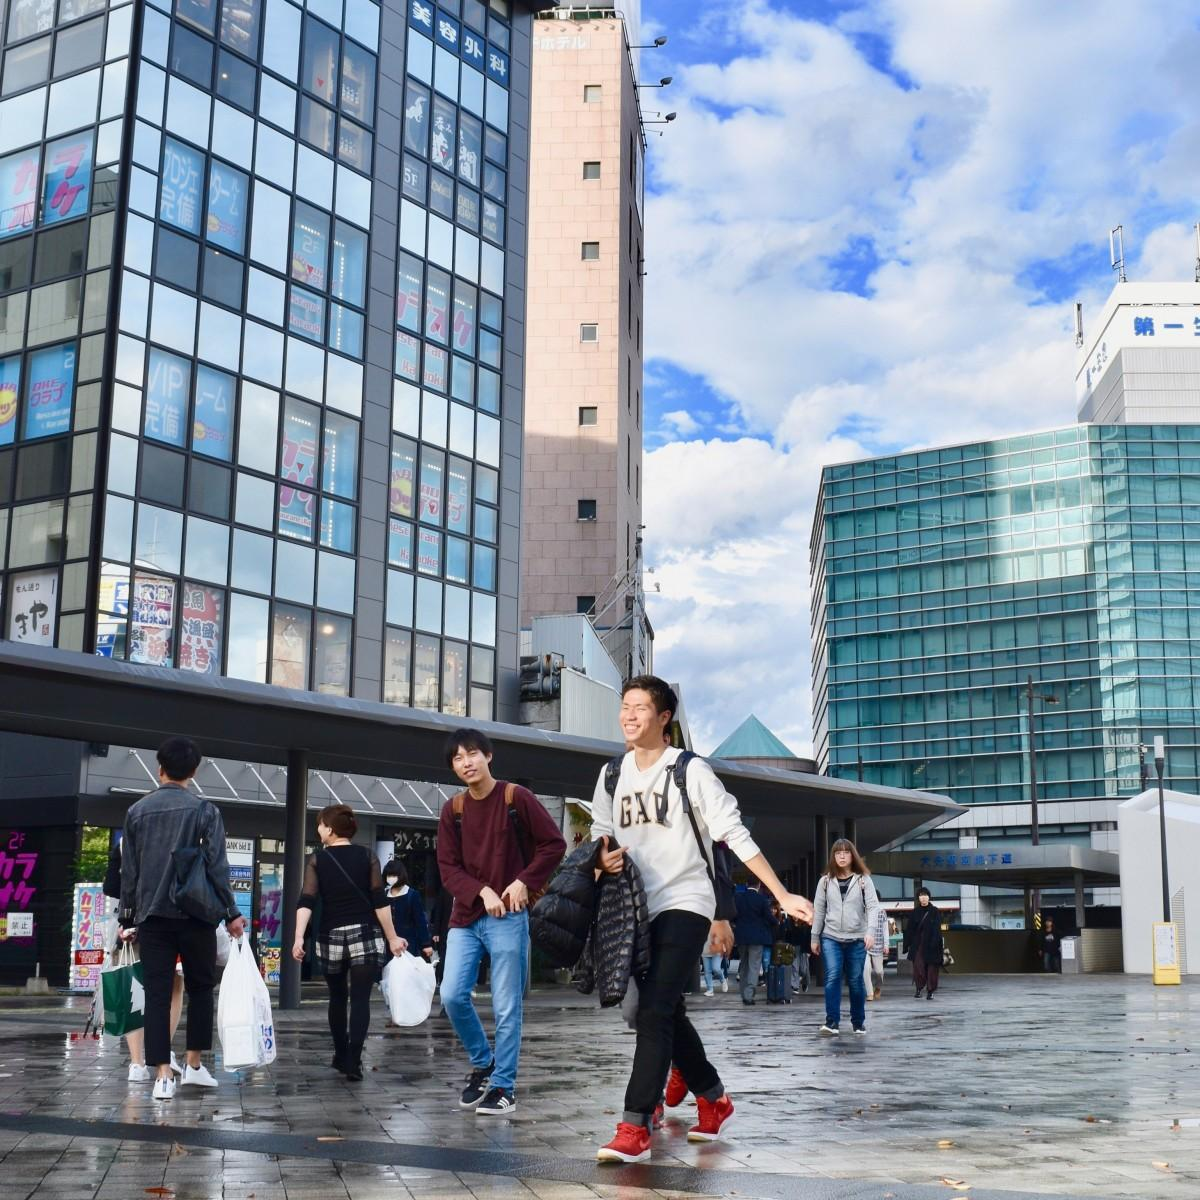 大分市でも25度の夏日を観測した(JR大分駅府内中央口広場で、4日15時ごろ)